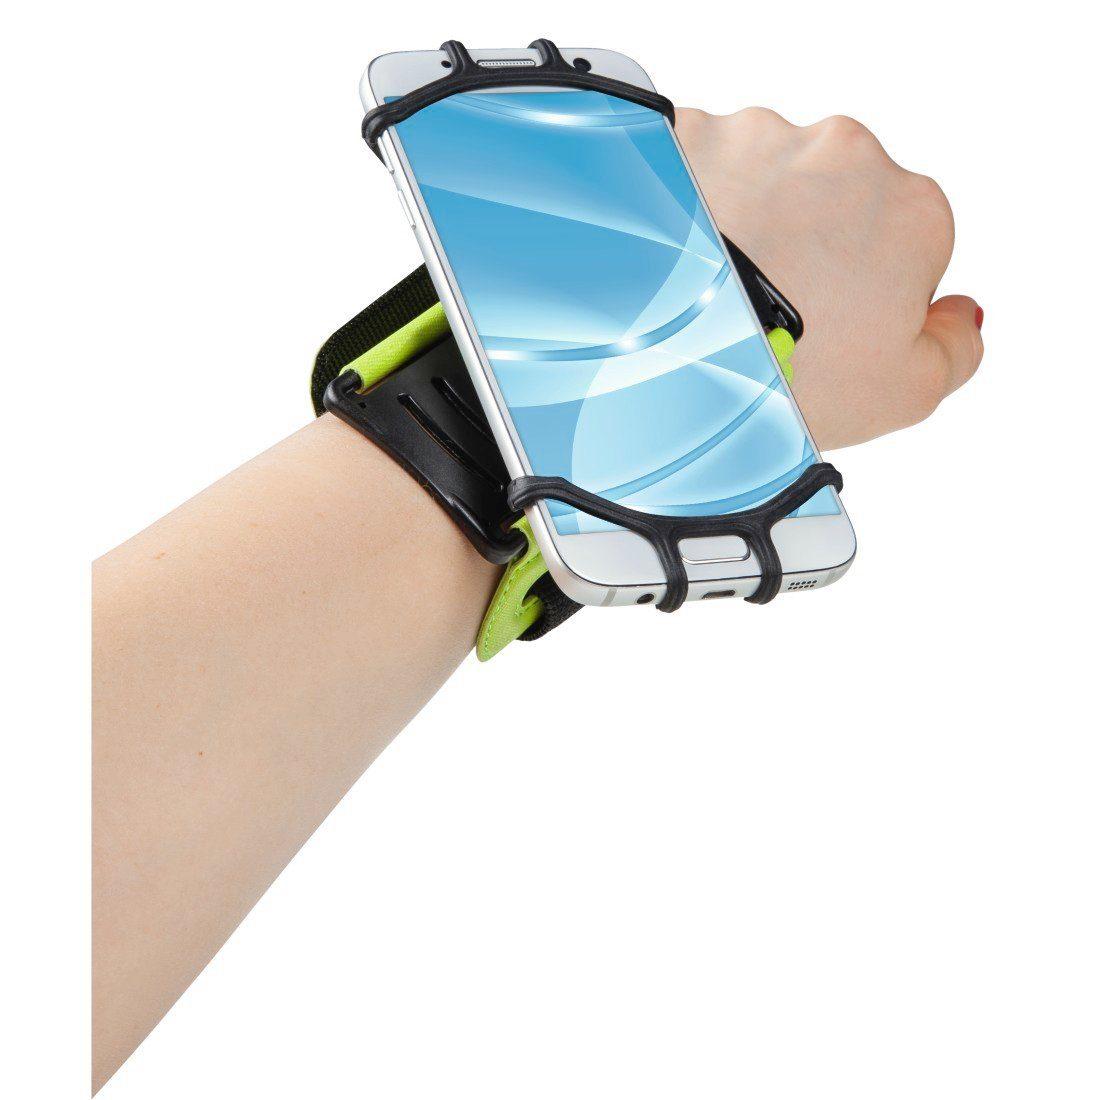 Hama Smartphone Sport Armband, Armtasche für 4,0-5,5 Zoll Geräte »Sportarmband für den Unterarm«